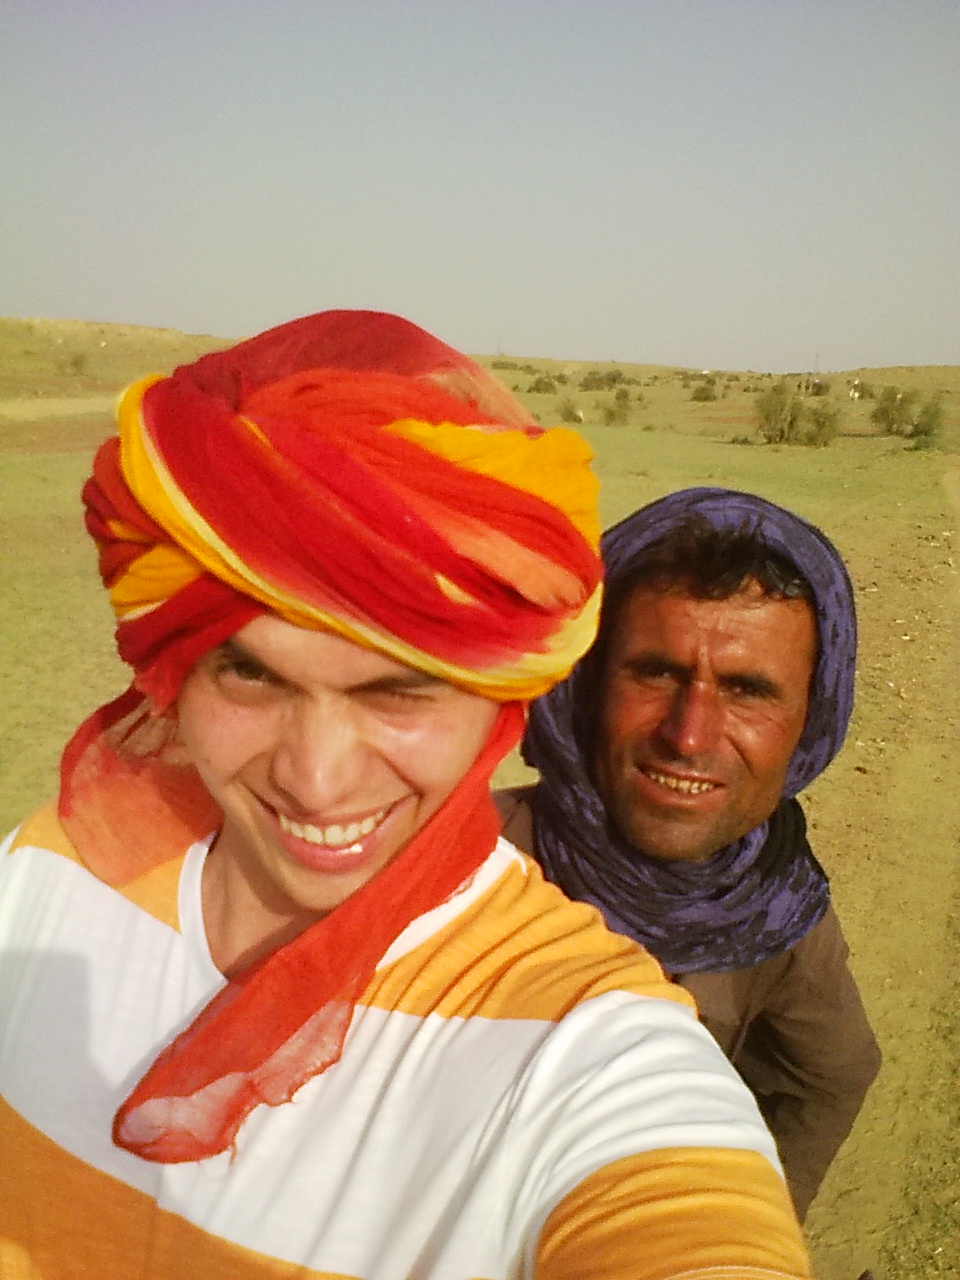 img 20140820 172020 - Radżastan - magia kolorów i zapachów Indii